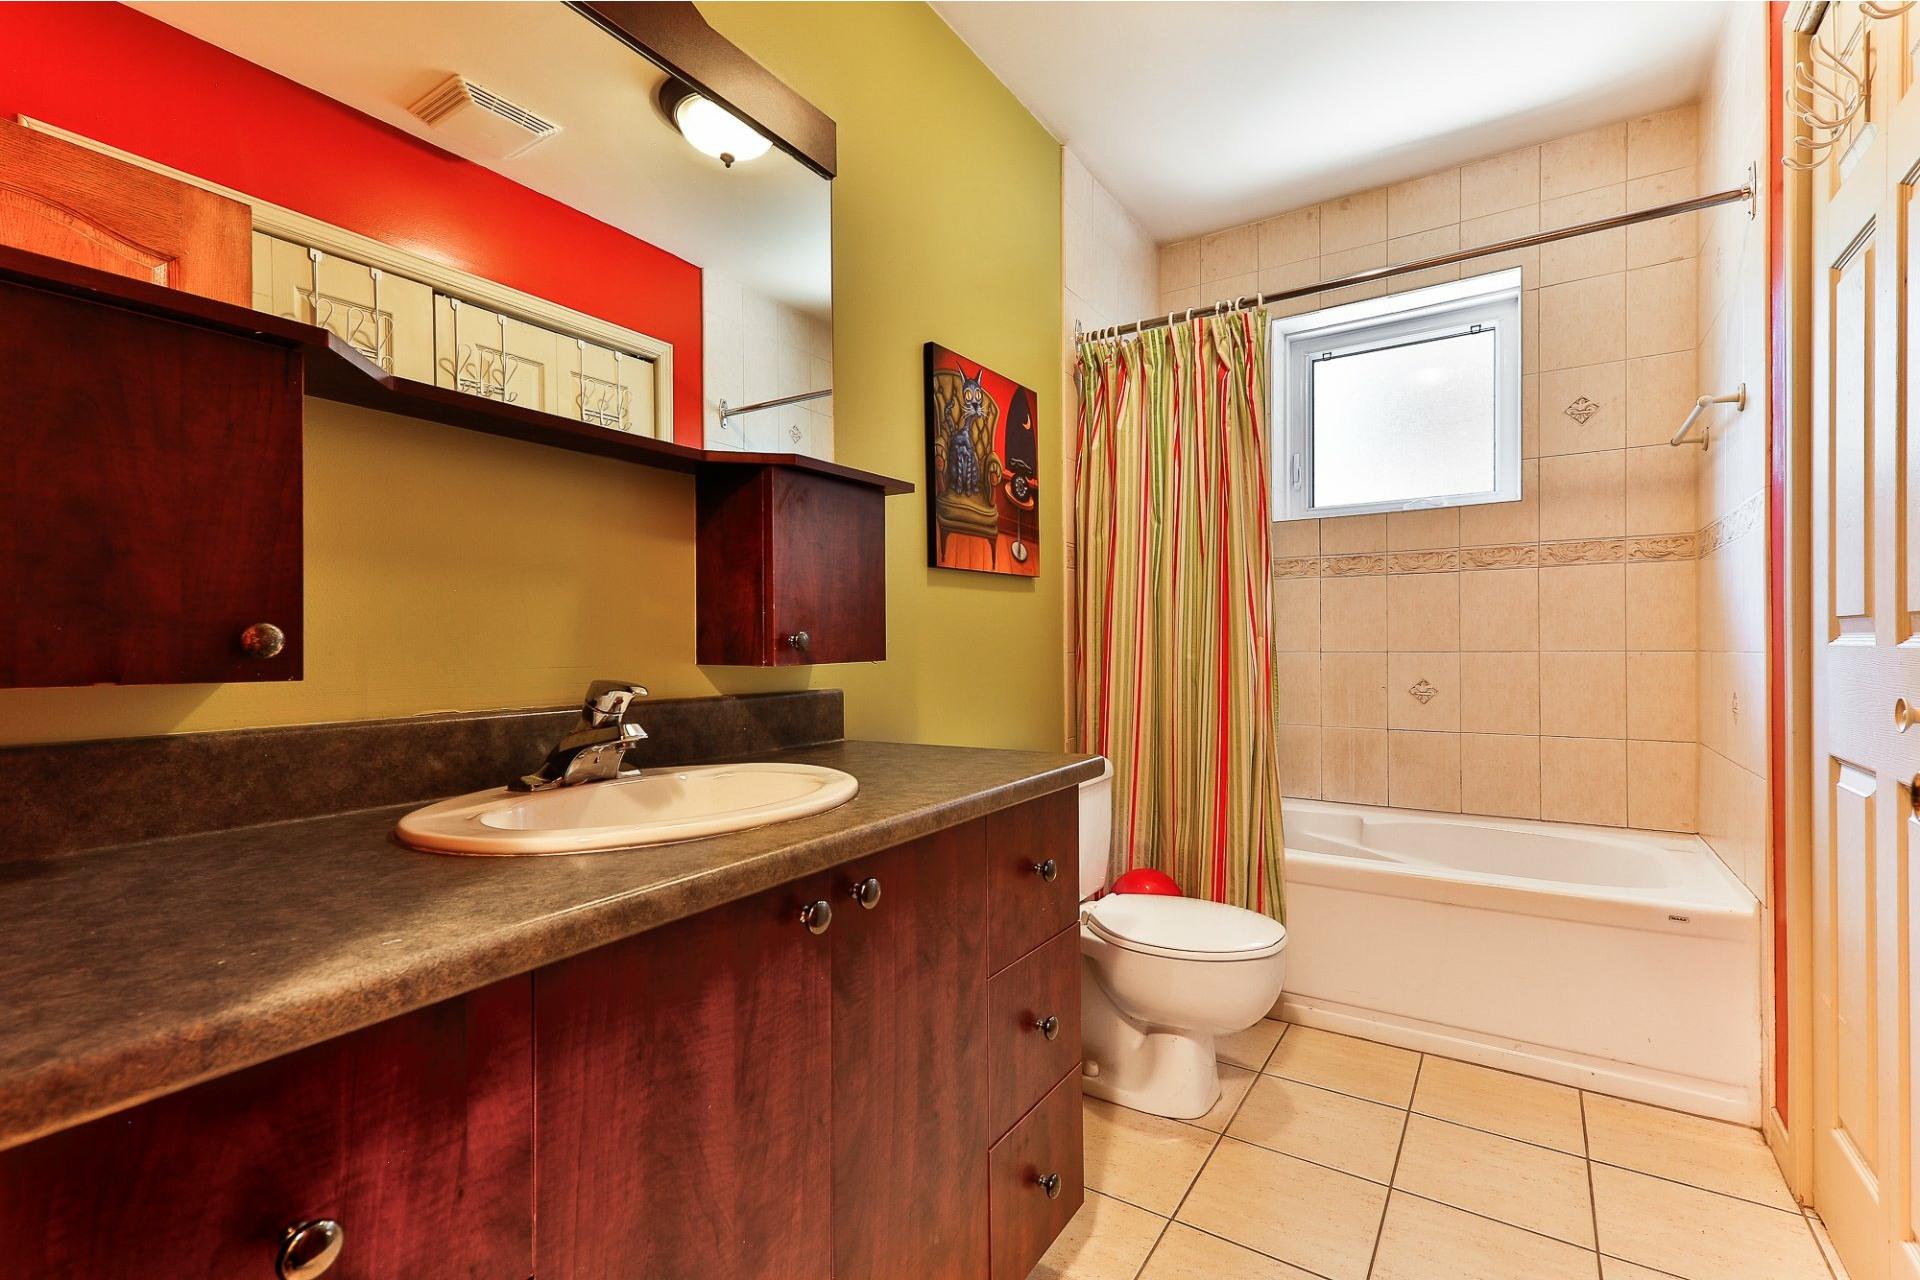 image 13 - Apartment For sale Villeray/Saint-Michel/Parc-Extension Montréal  - 6 rooms